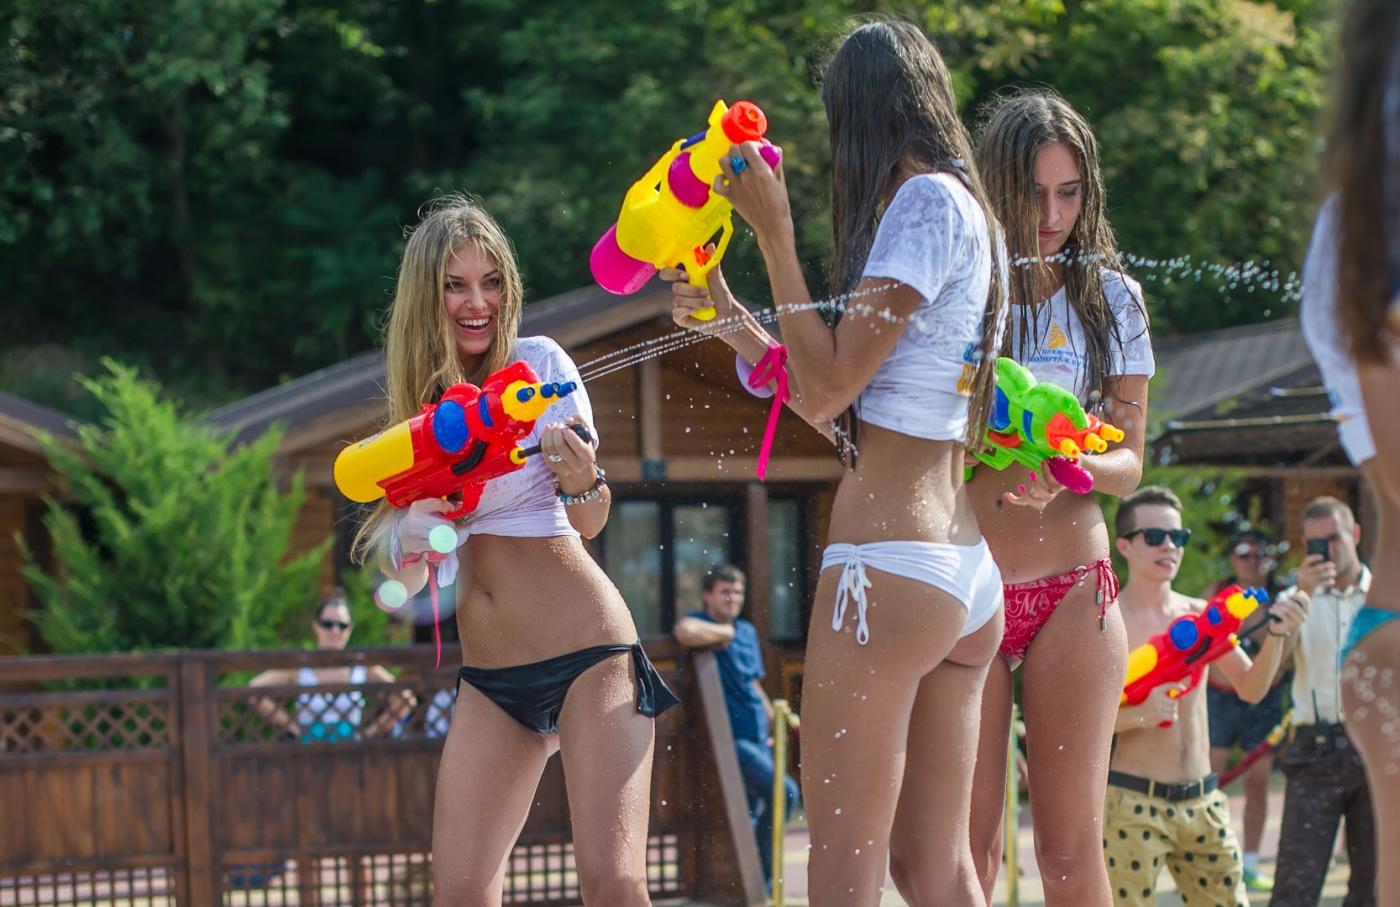 Конкурс Девочек Нудистов